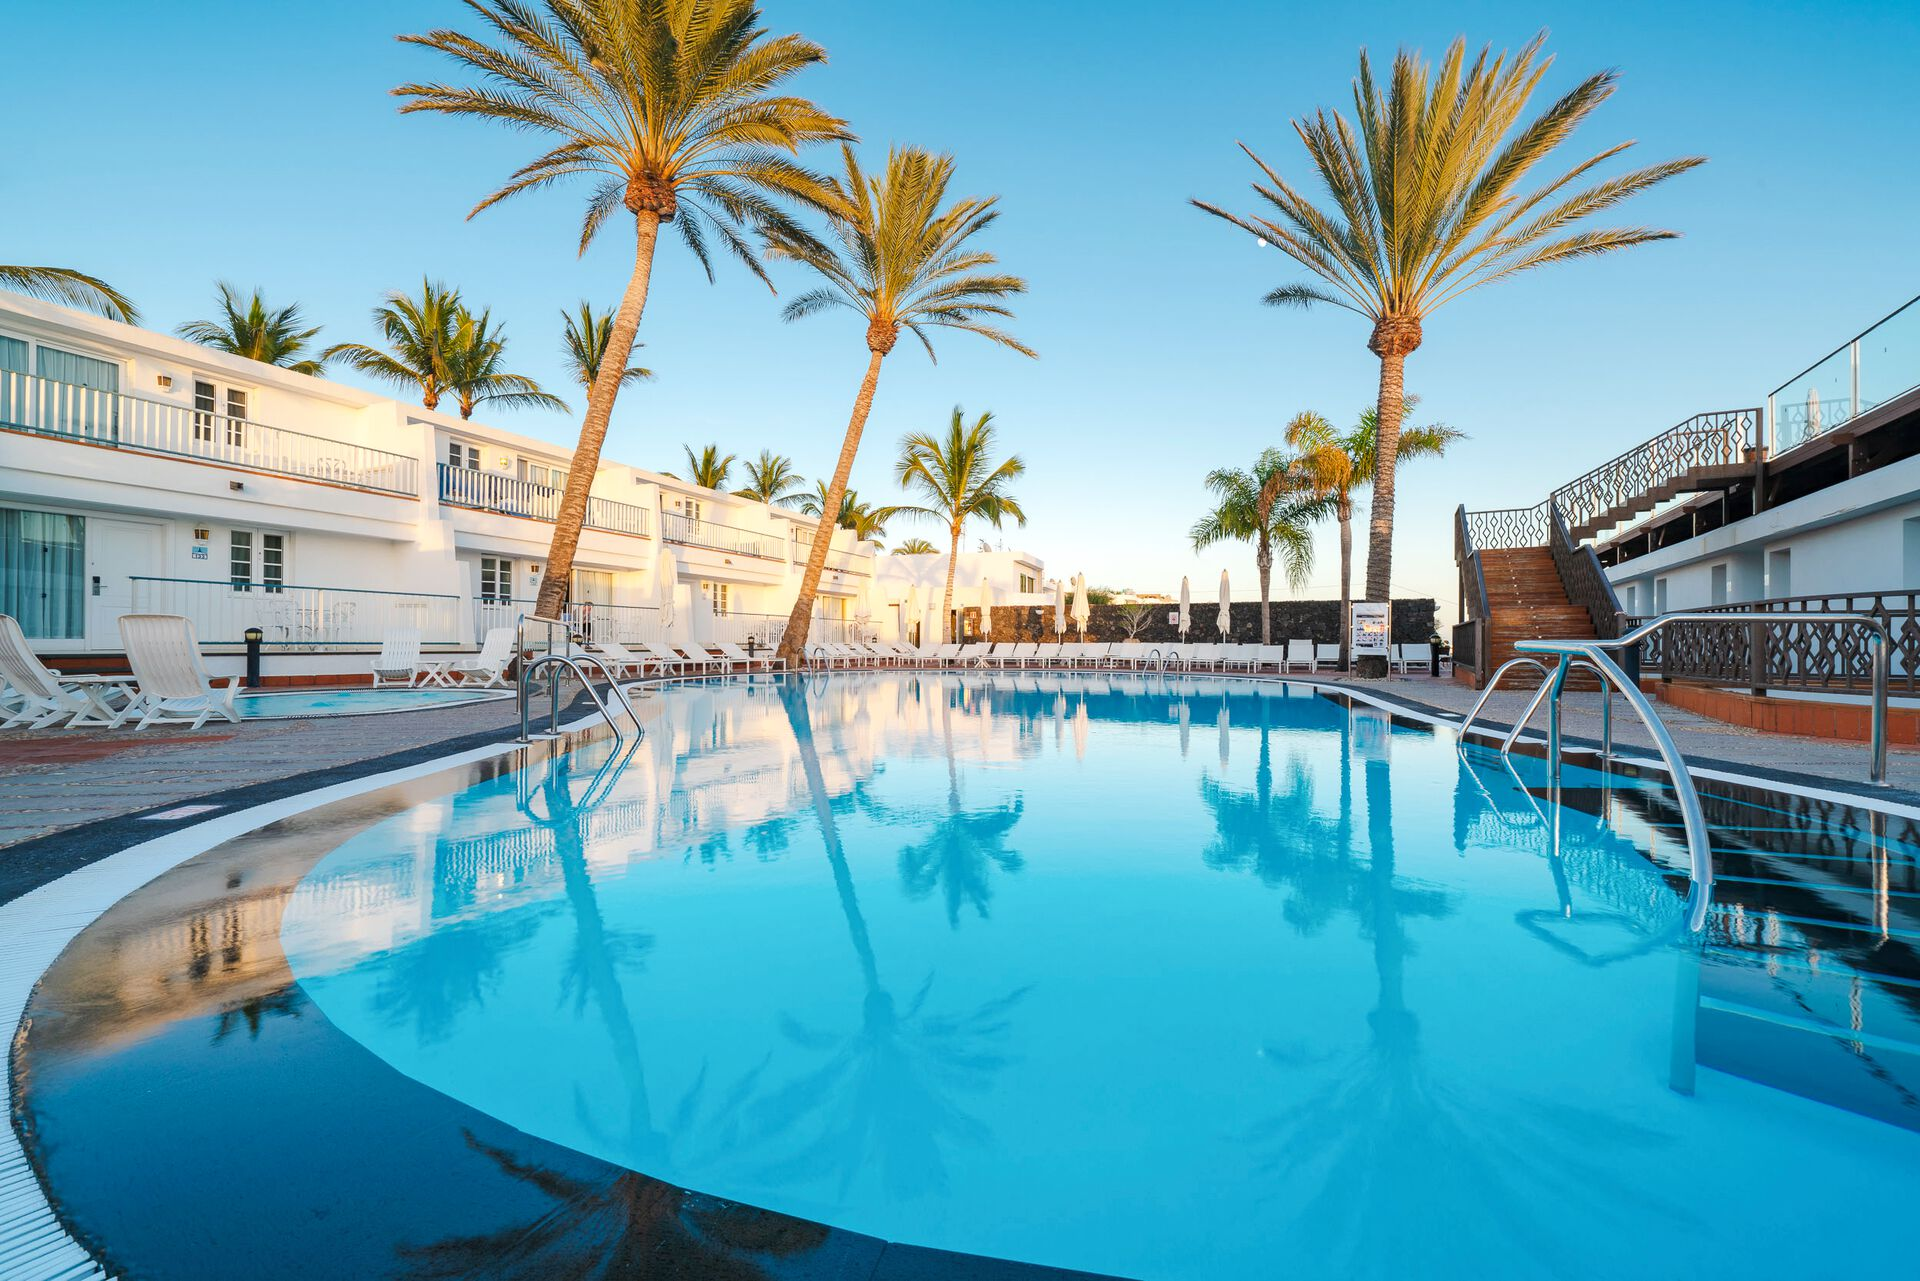 Séjour Lanzarote - Appartements Fariones - 3*